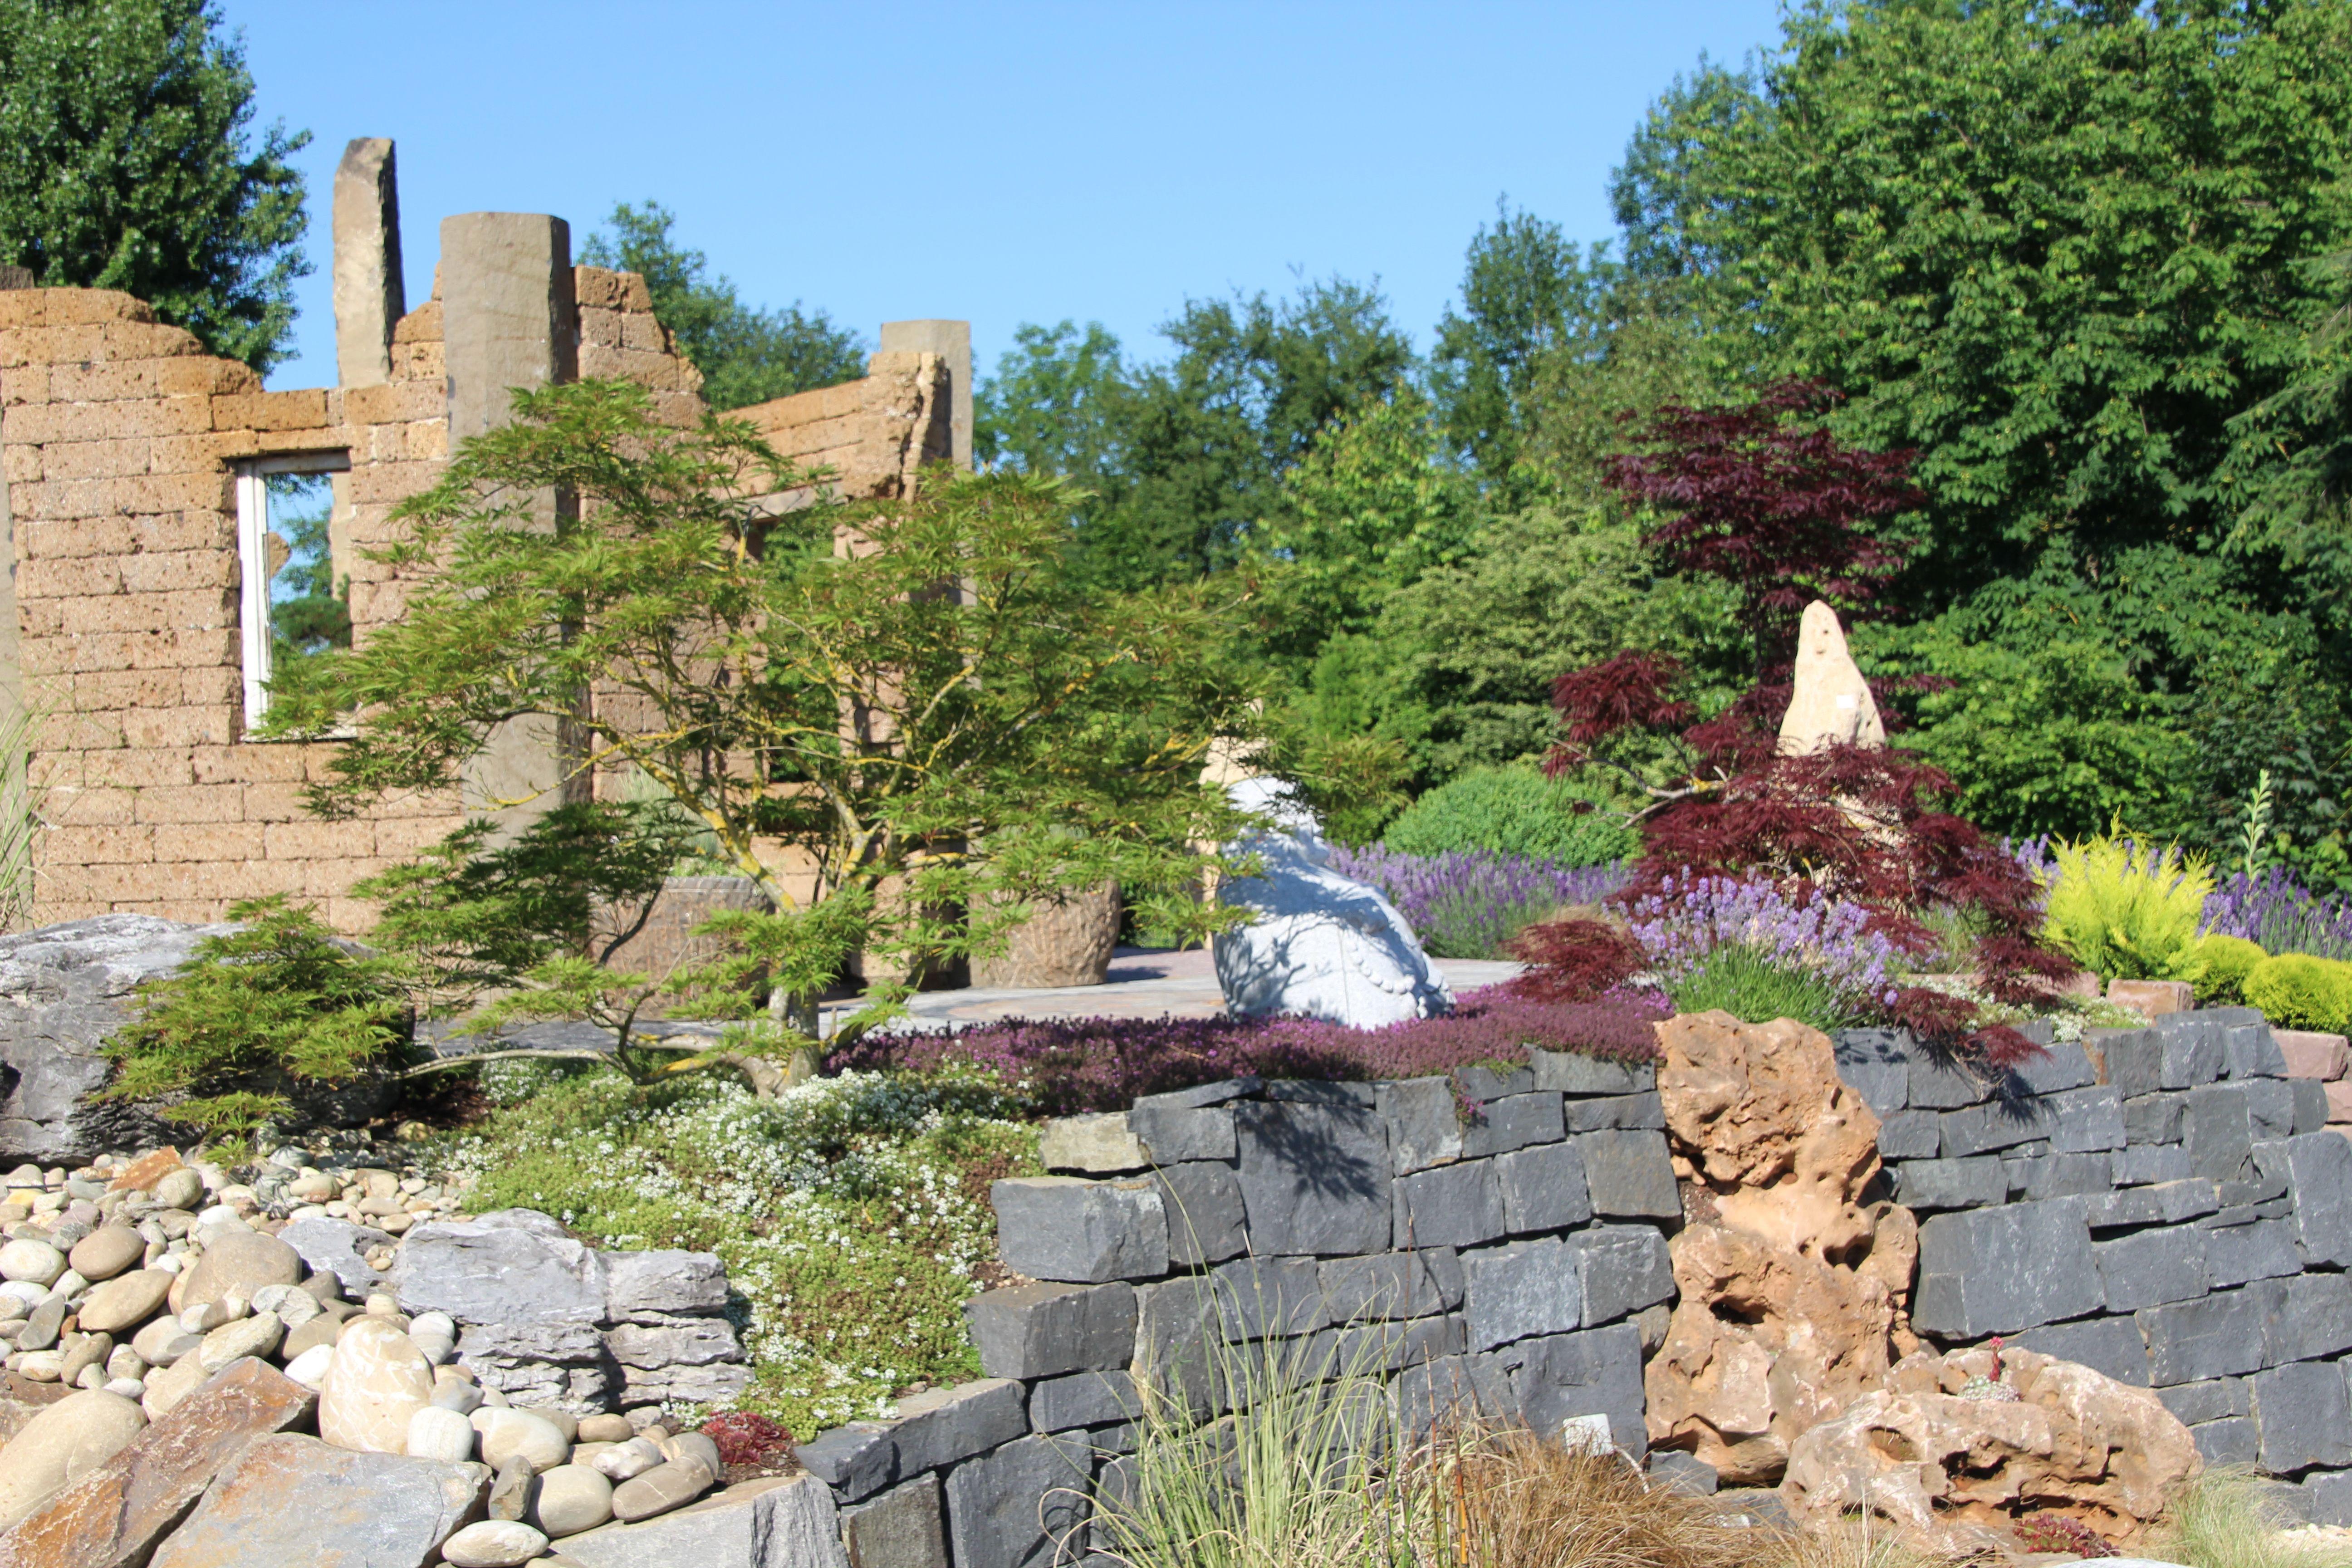 garten ▫ terrasse ▫ außengestaltung ▫ dekoideen ▫ trockenmauer